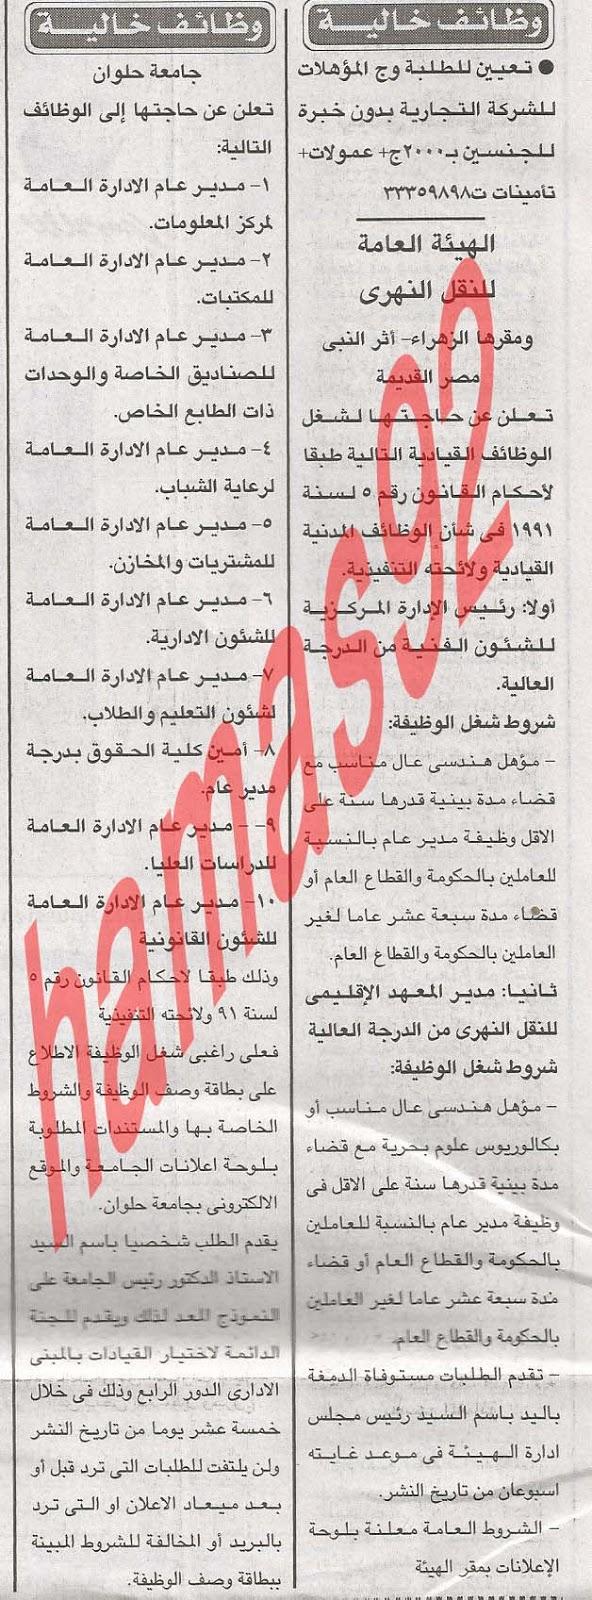 وظائف خالية جريدة الاخبار الاثنين 01-07-2013